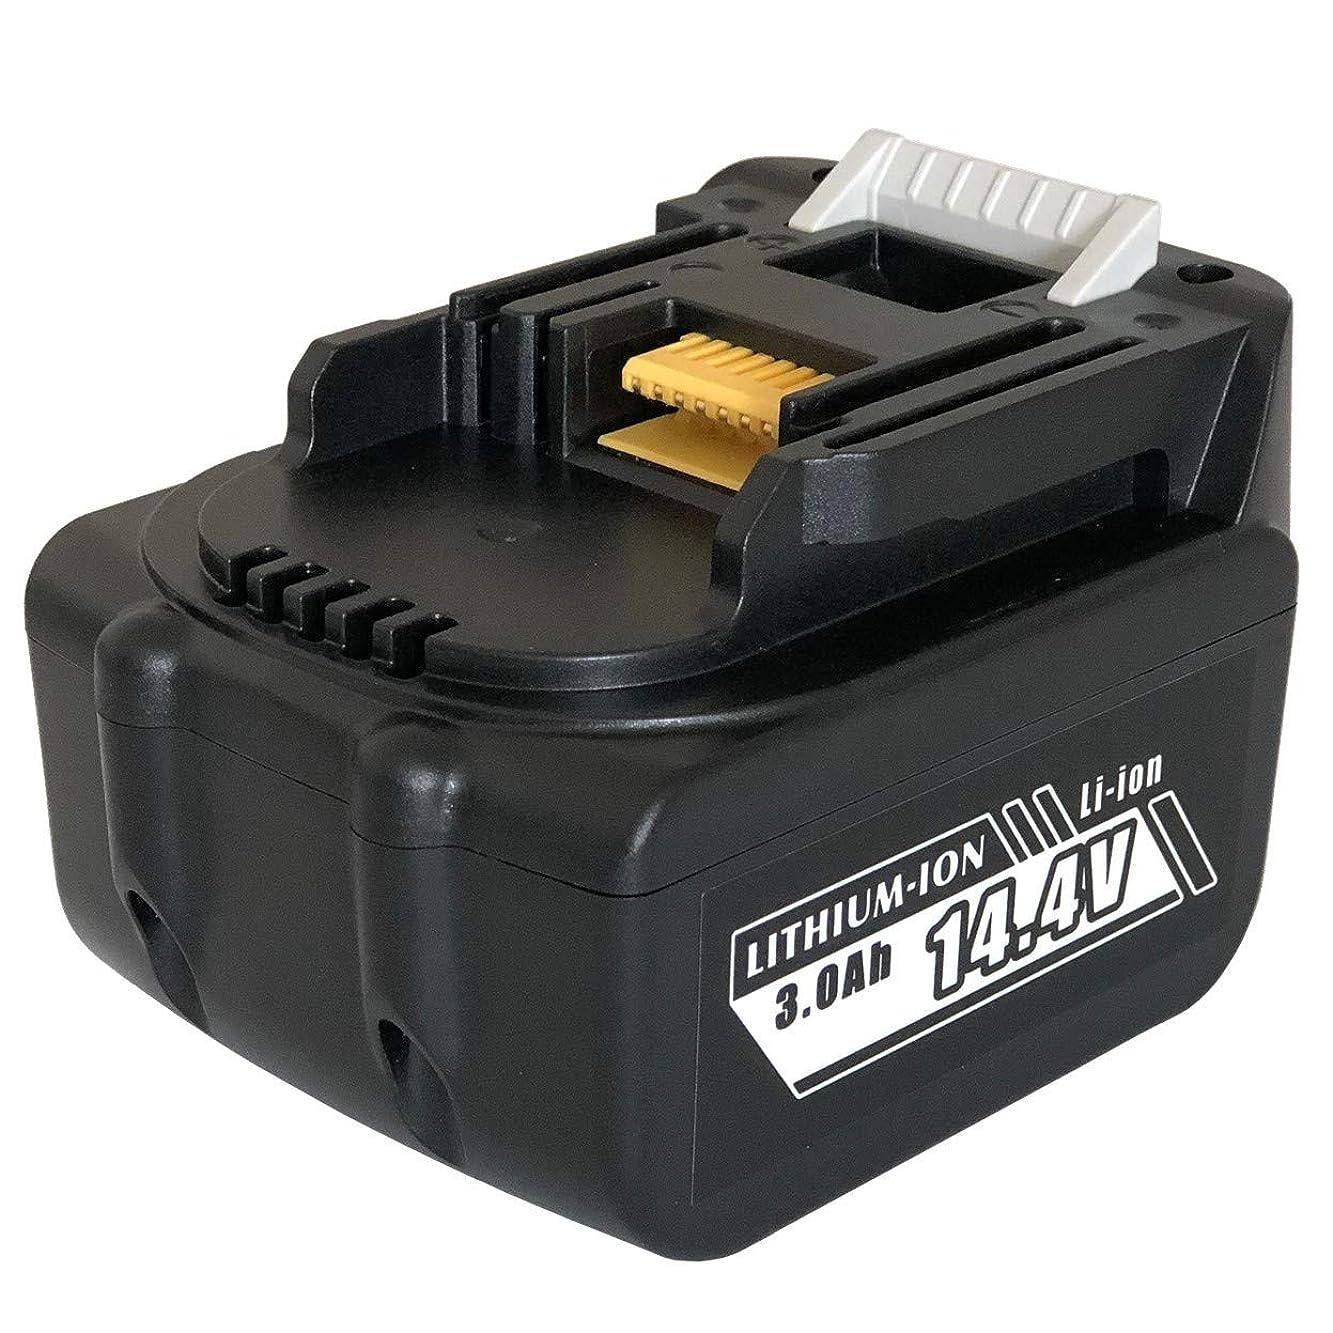 ますます者種類Enelife マキタ14.4V 電動工具用互換バッテリー【日本メーカーによる保証とサポート】 (通常版:3000mAh)